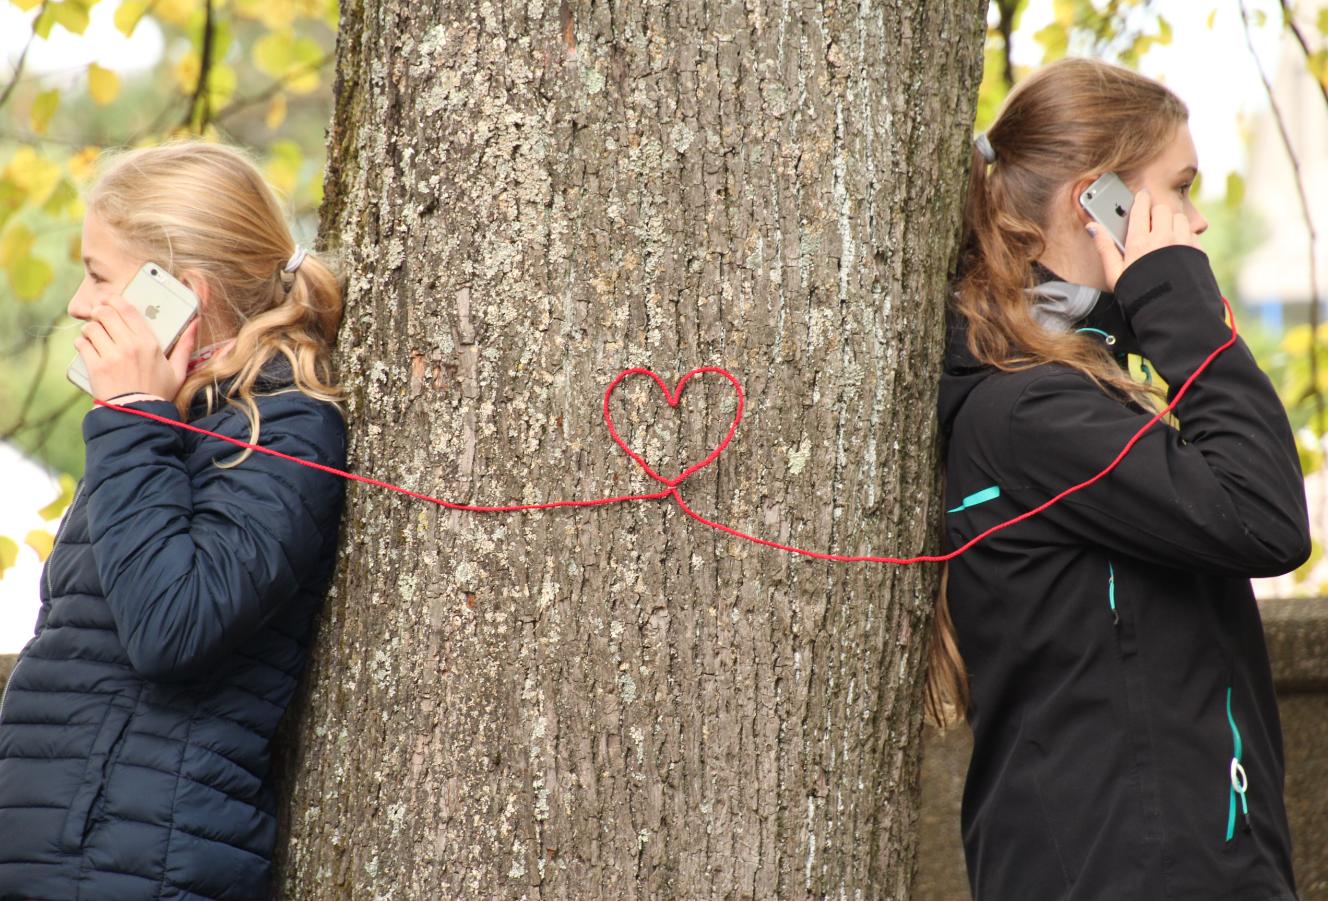 2 Mädchen telefonieren mit Abstand, rotes Band mit Herzchen verbindet die Handys